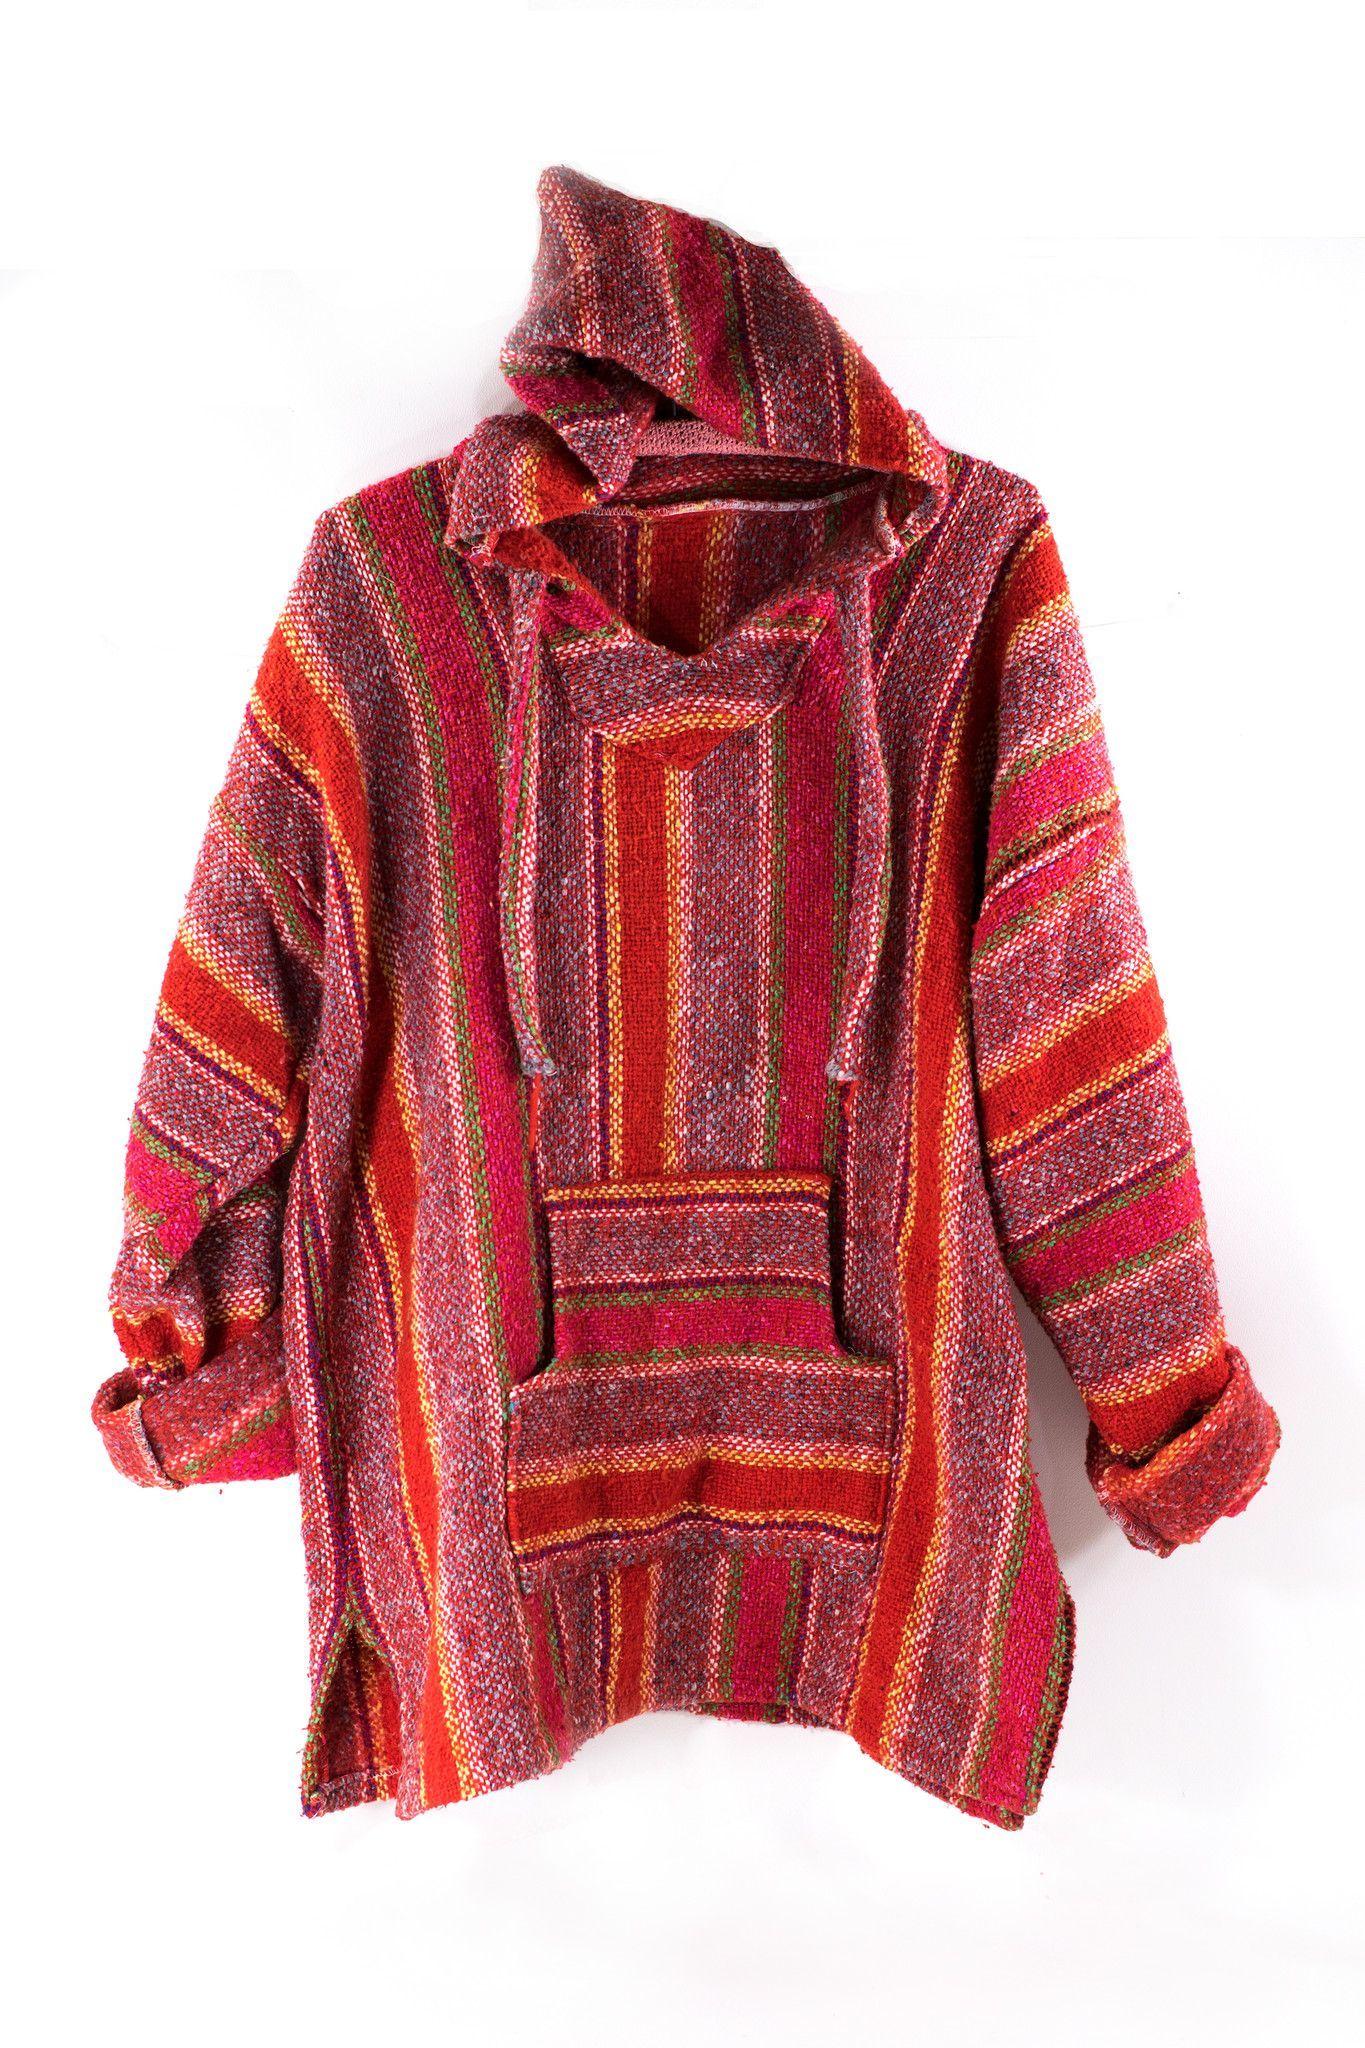 Baja surf poncho vintage s mexican hoodie sweater unisex drug rug